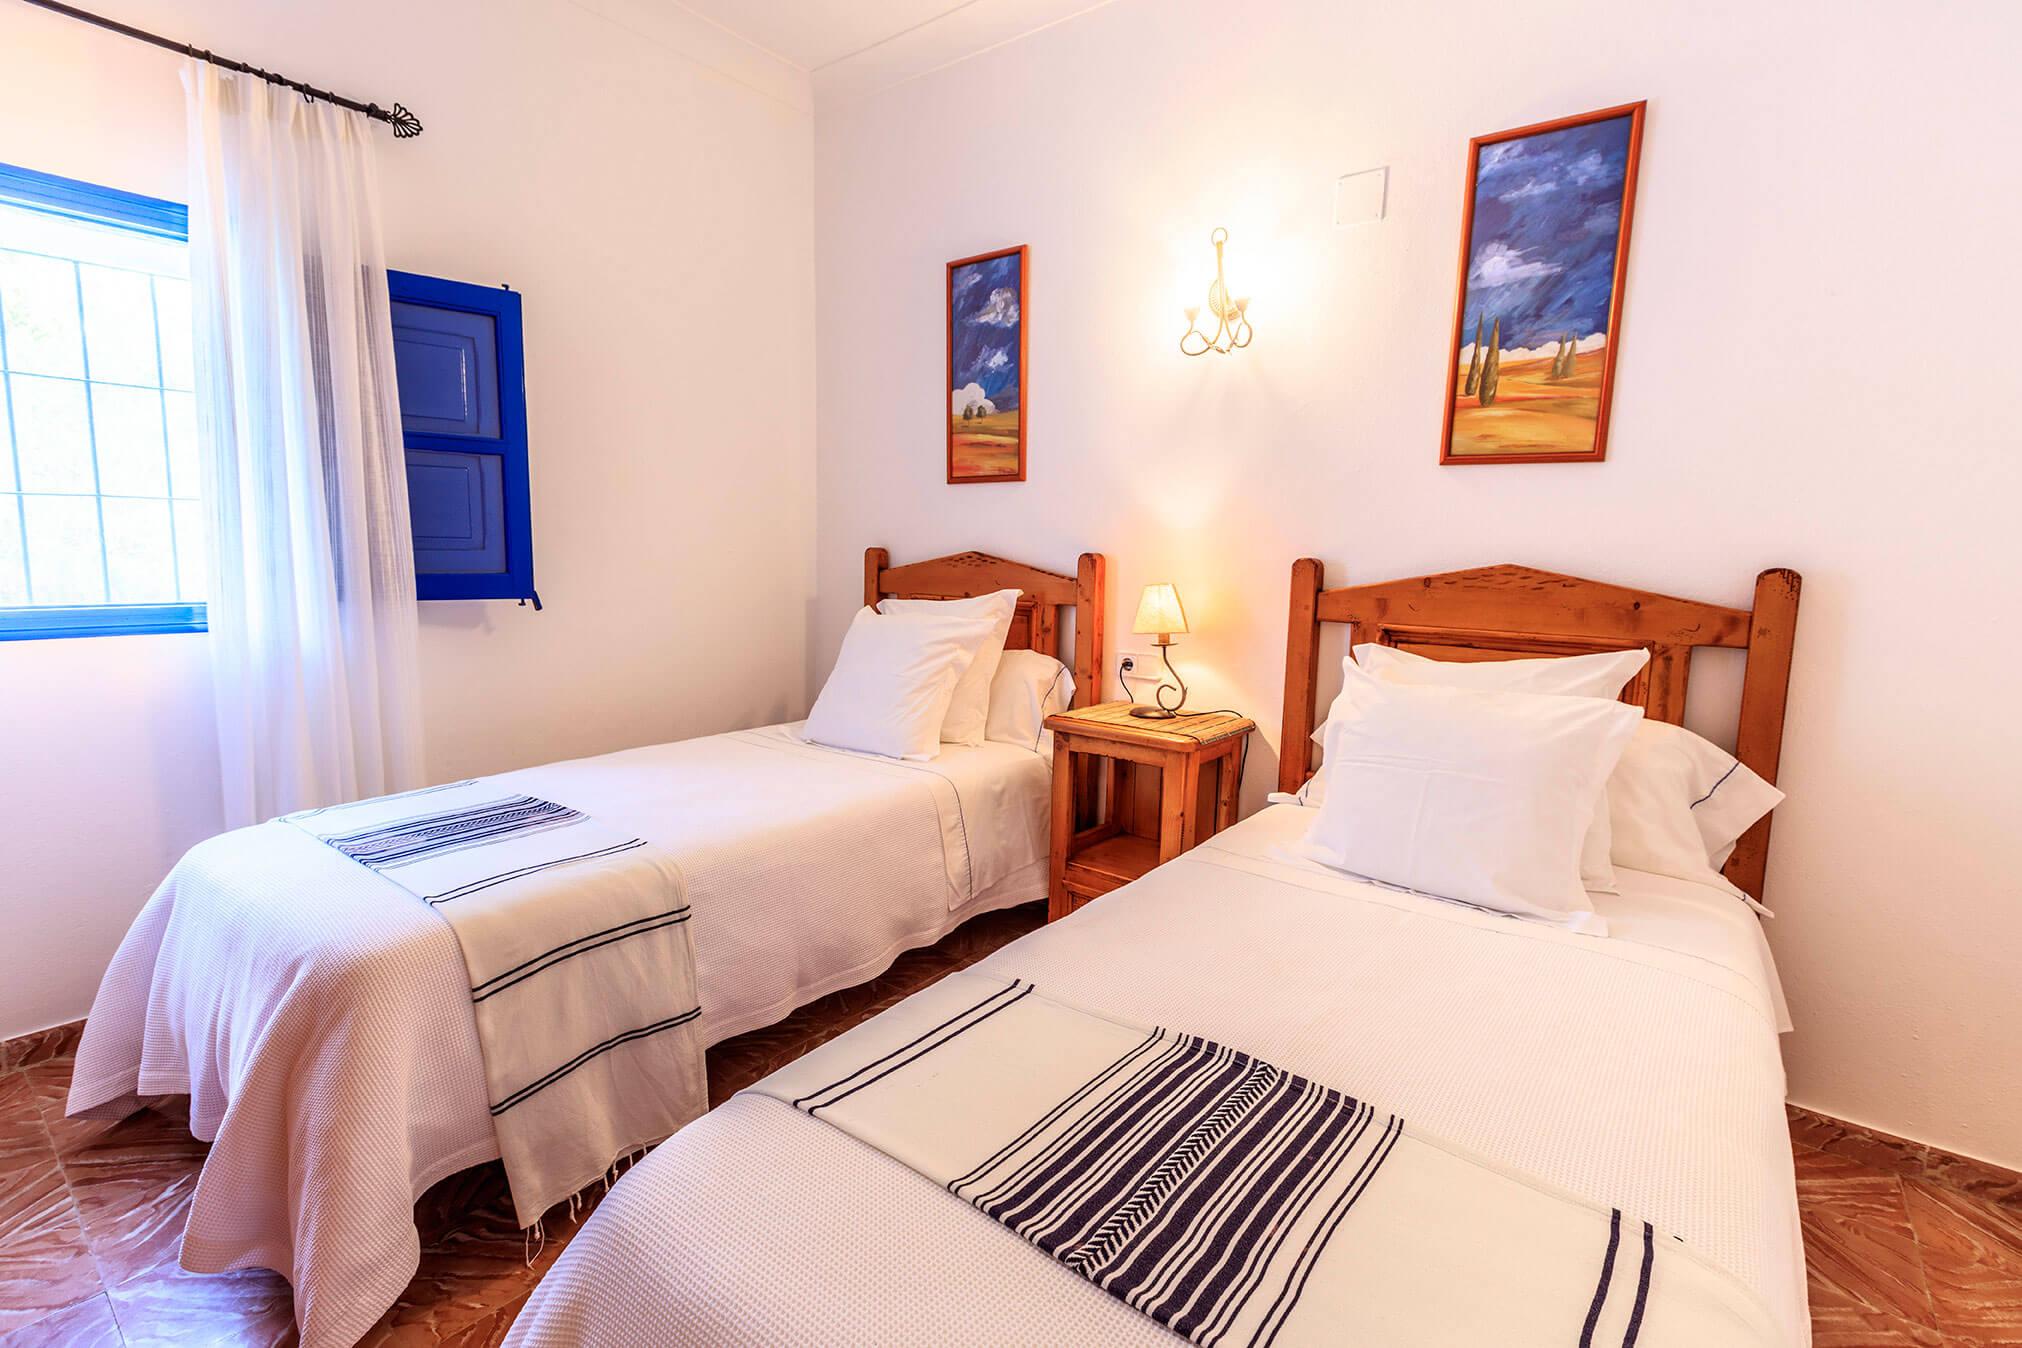 Habitación doble casa rural Can Carlets. Alojamientos turísticos Cardona en Formentera.